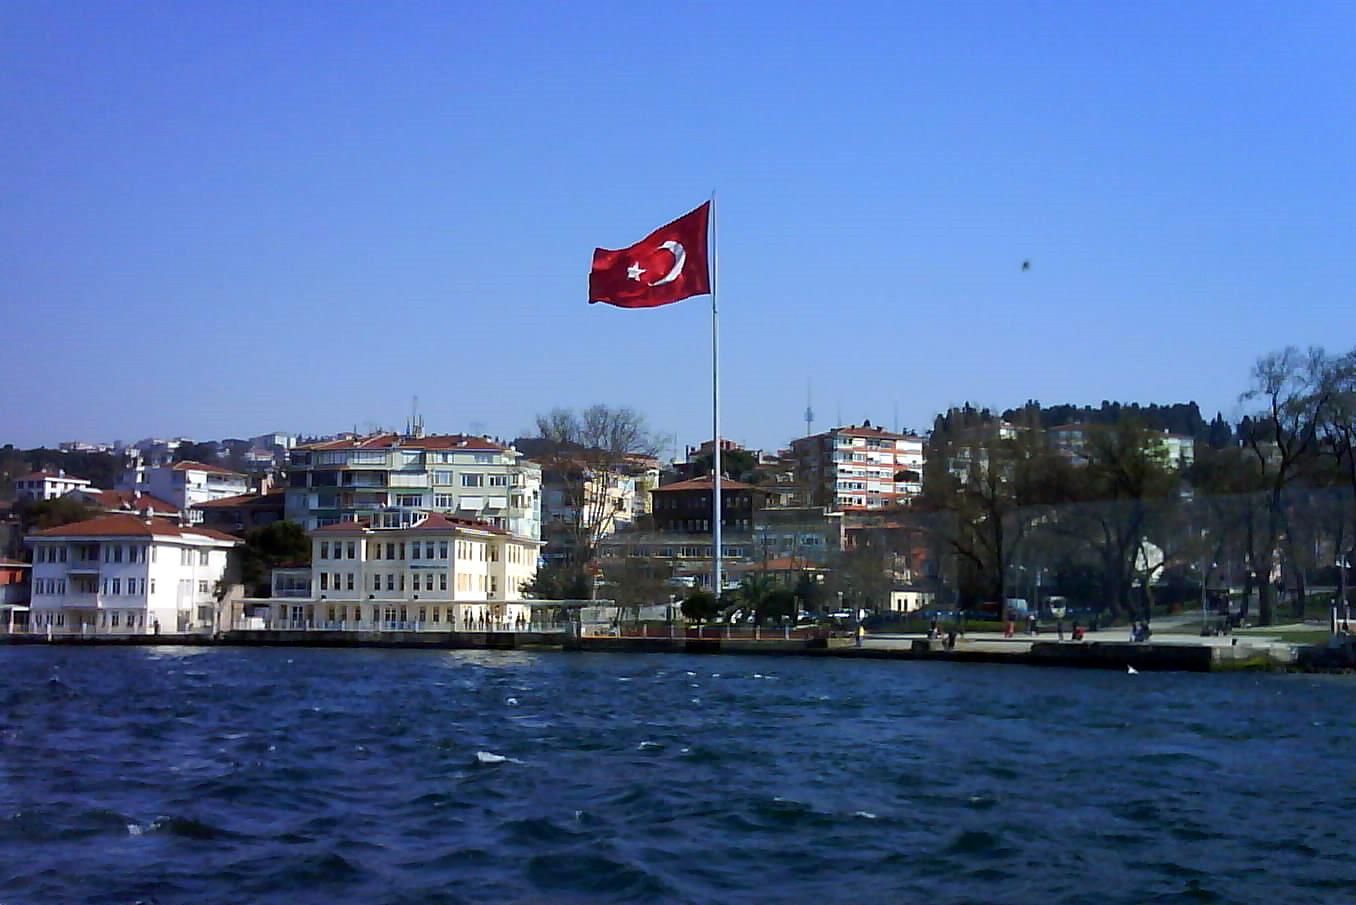 «Թուրքիան հայտարարել է, որ սատարում է ԱՄՆ-ին, և որ Ասադն անհապաղ պետք է հեռանա»